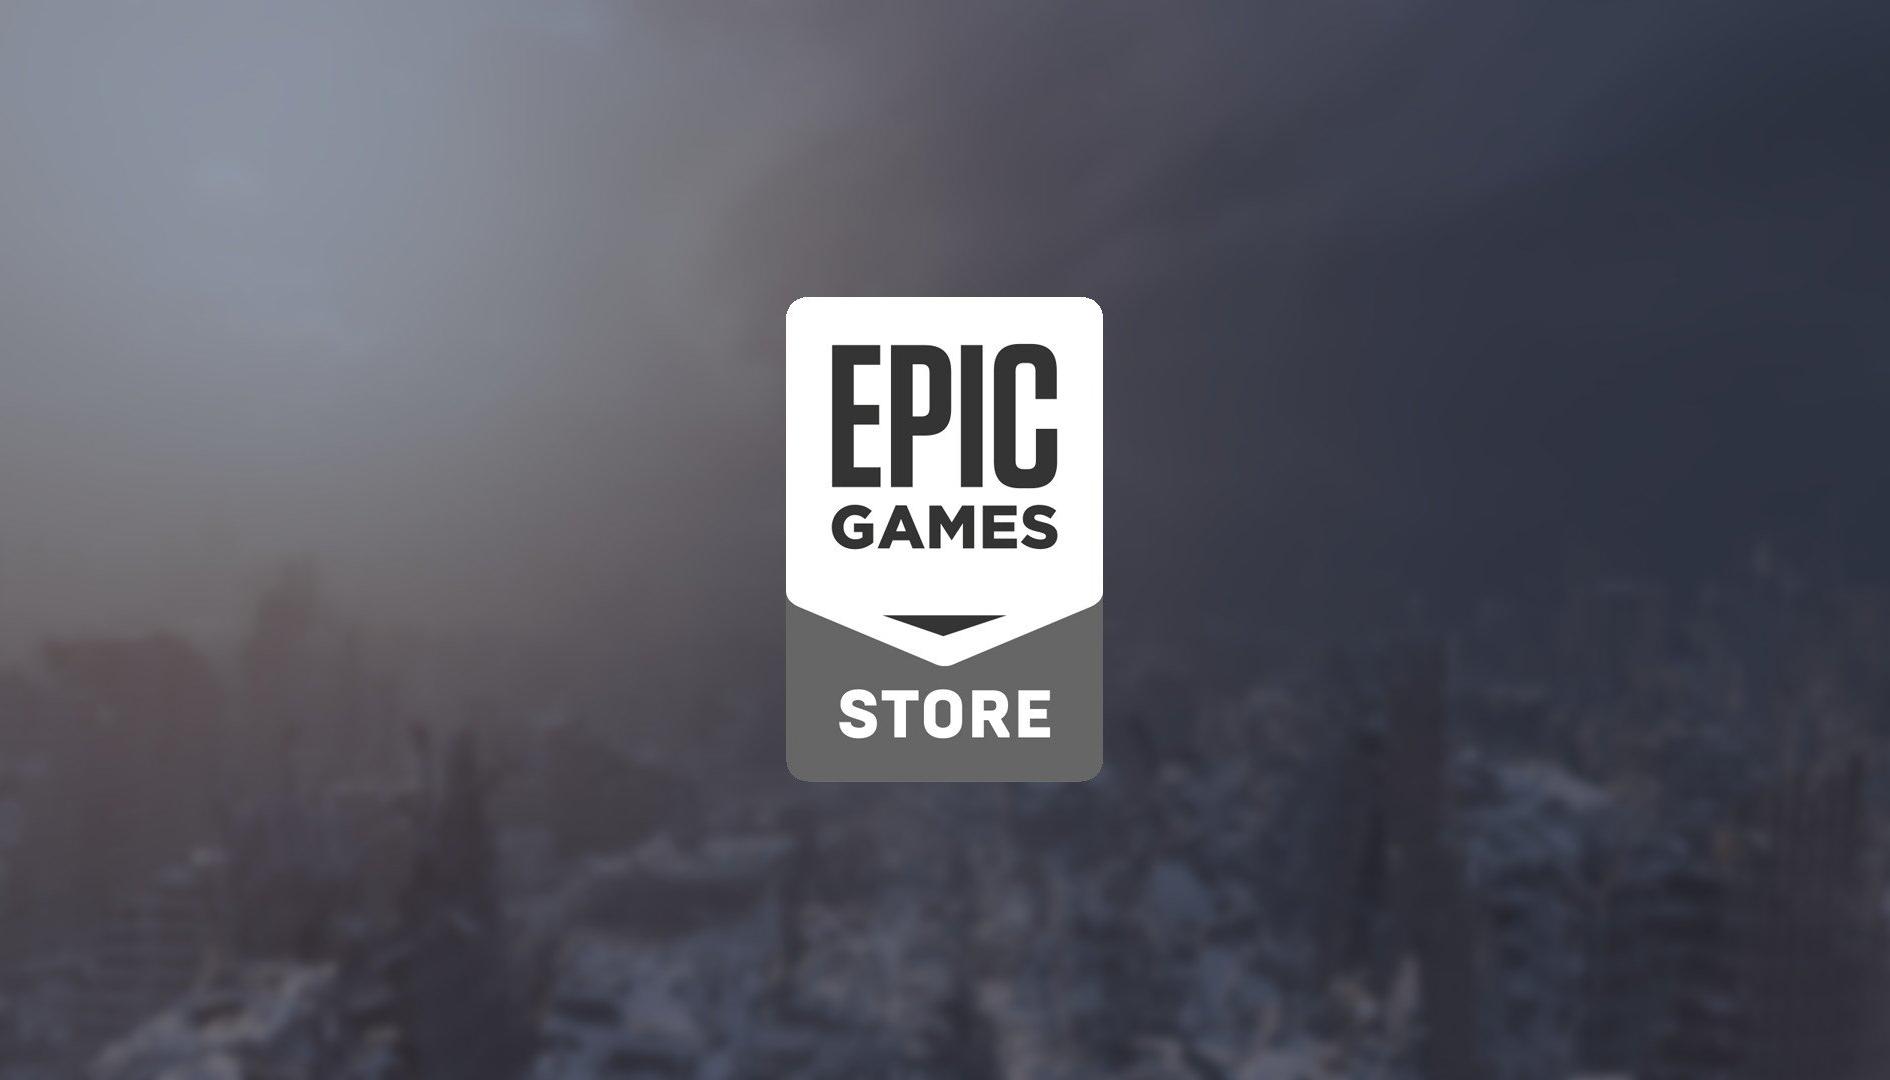 Giochi gratis PC: Epic Games Store regala il fantastico Control, link download